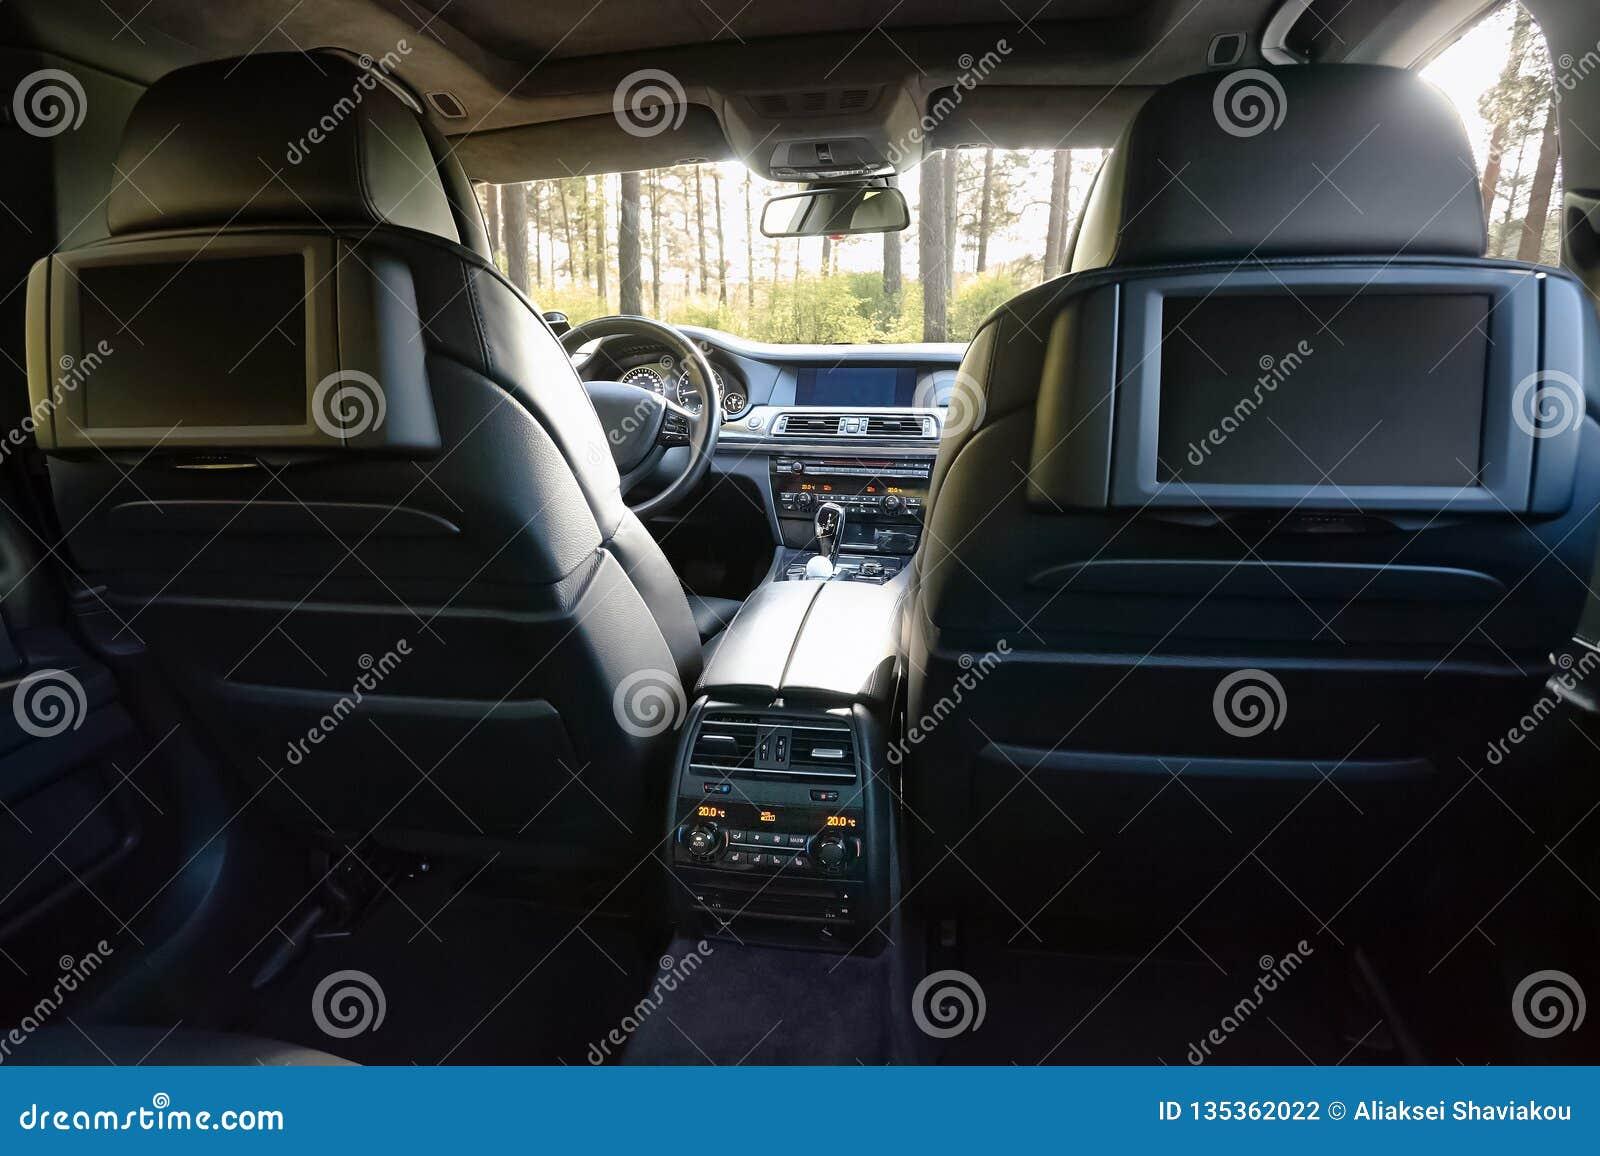 αυτοκίνητο μέσα Εσωτερικό του σύγχρονου αυτοκινήτου πολυτέλειας γοήτρου Τρεις επιδείξεις TV για τον επιβάτη με το διάστημα και τη